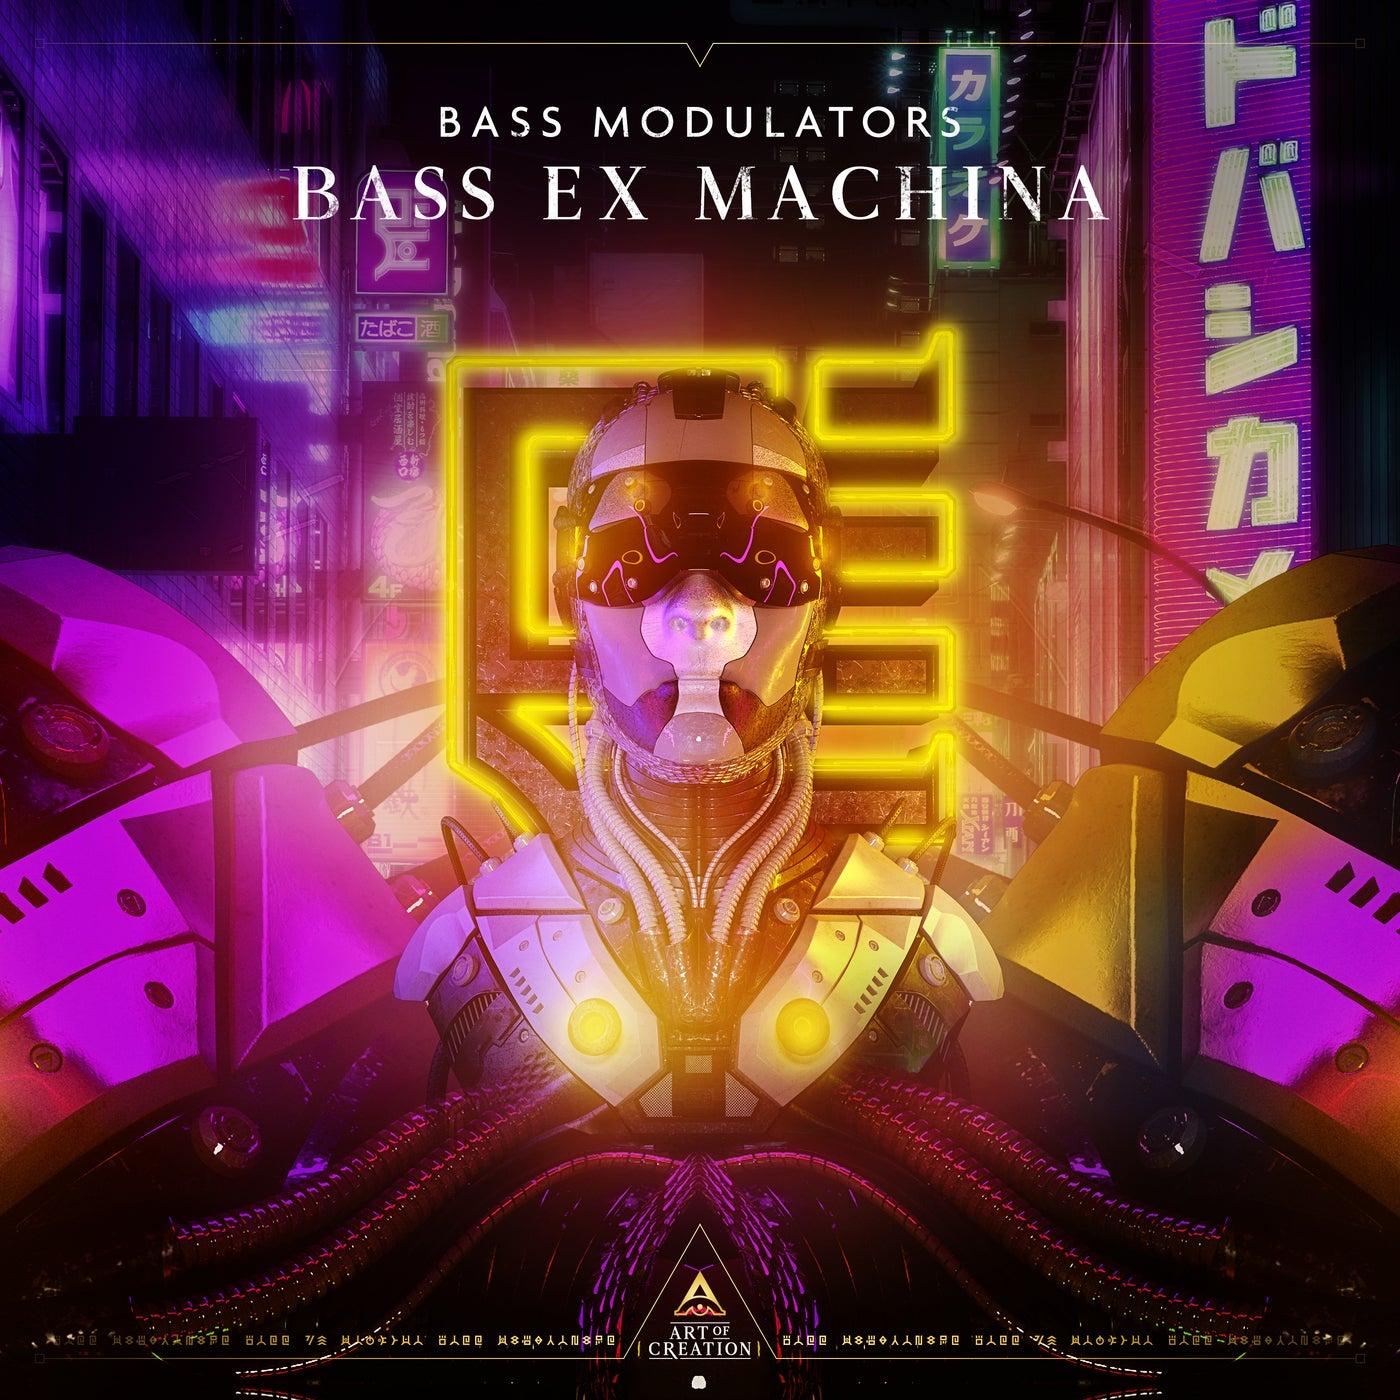 Bass Ex Machina (Extended Mix)